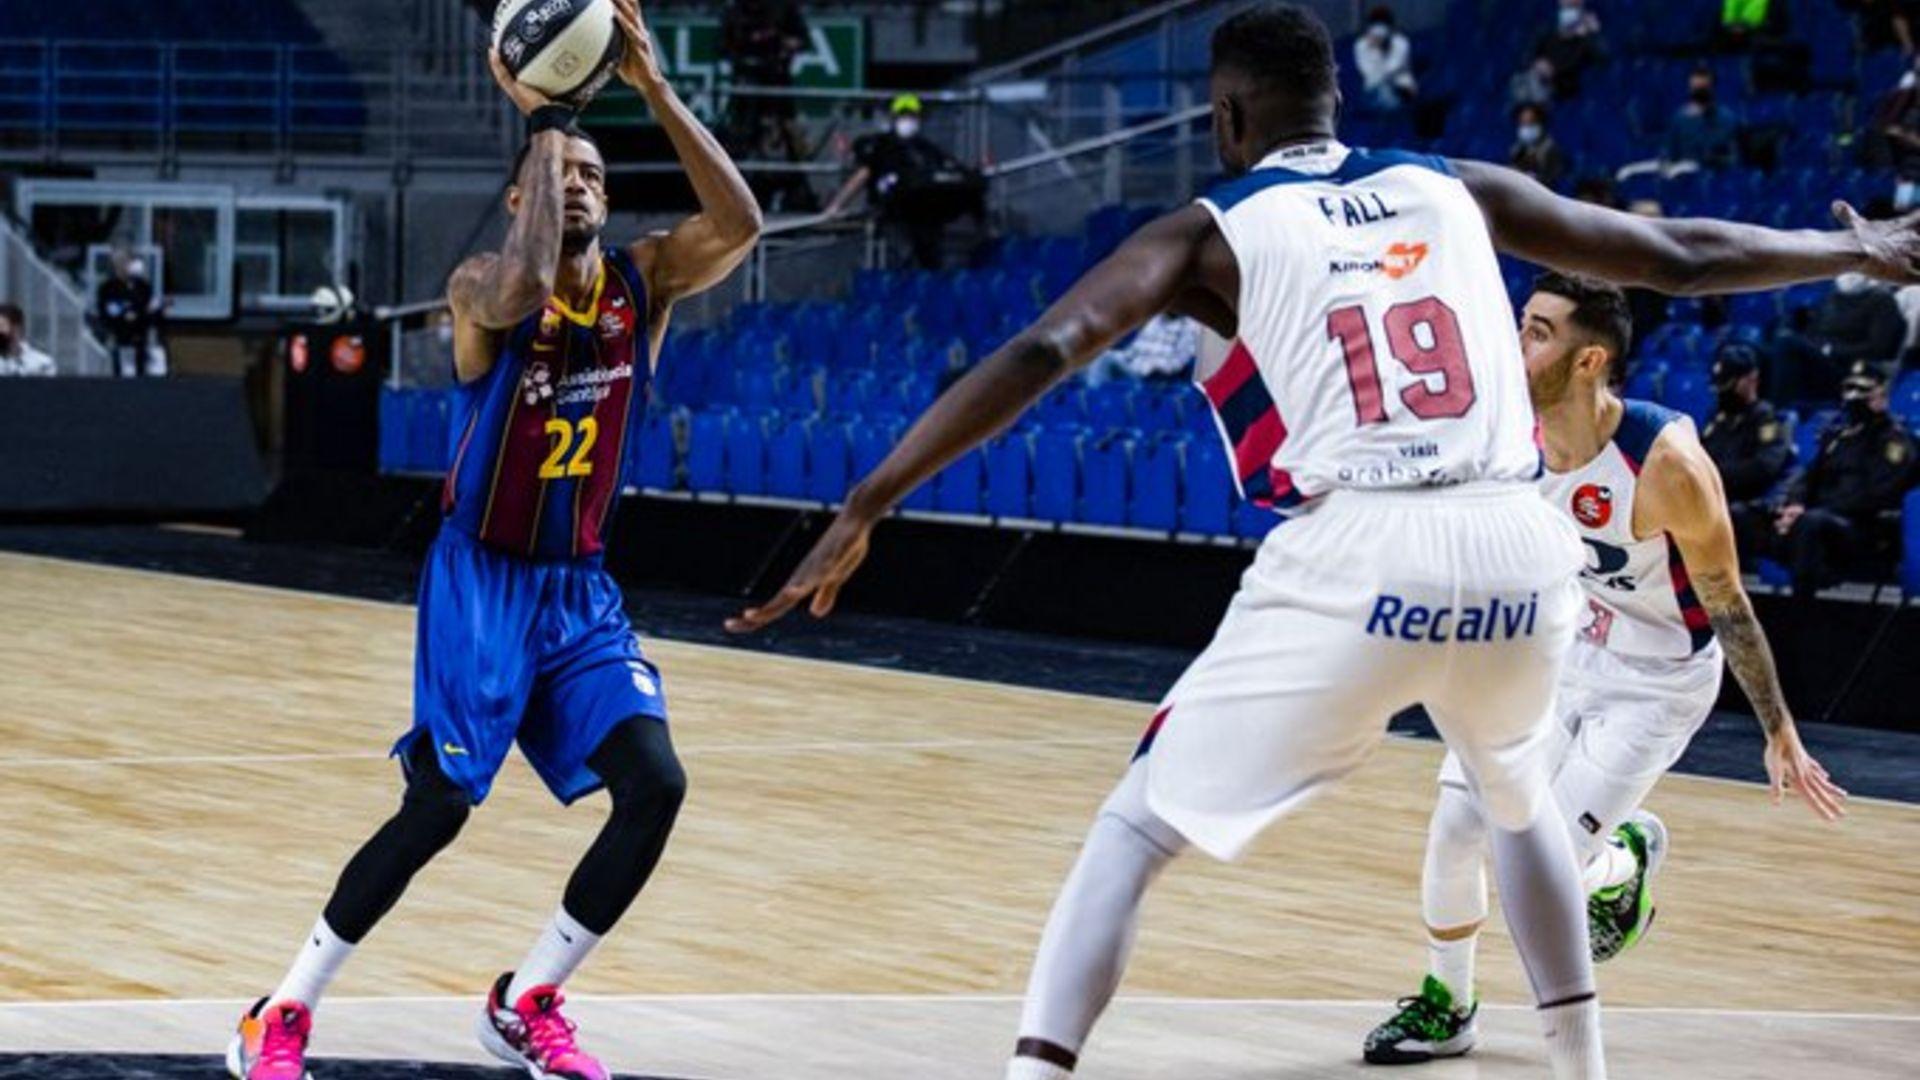 Copa Rei Barça bàsquet